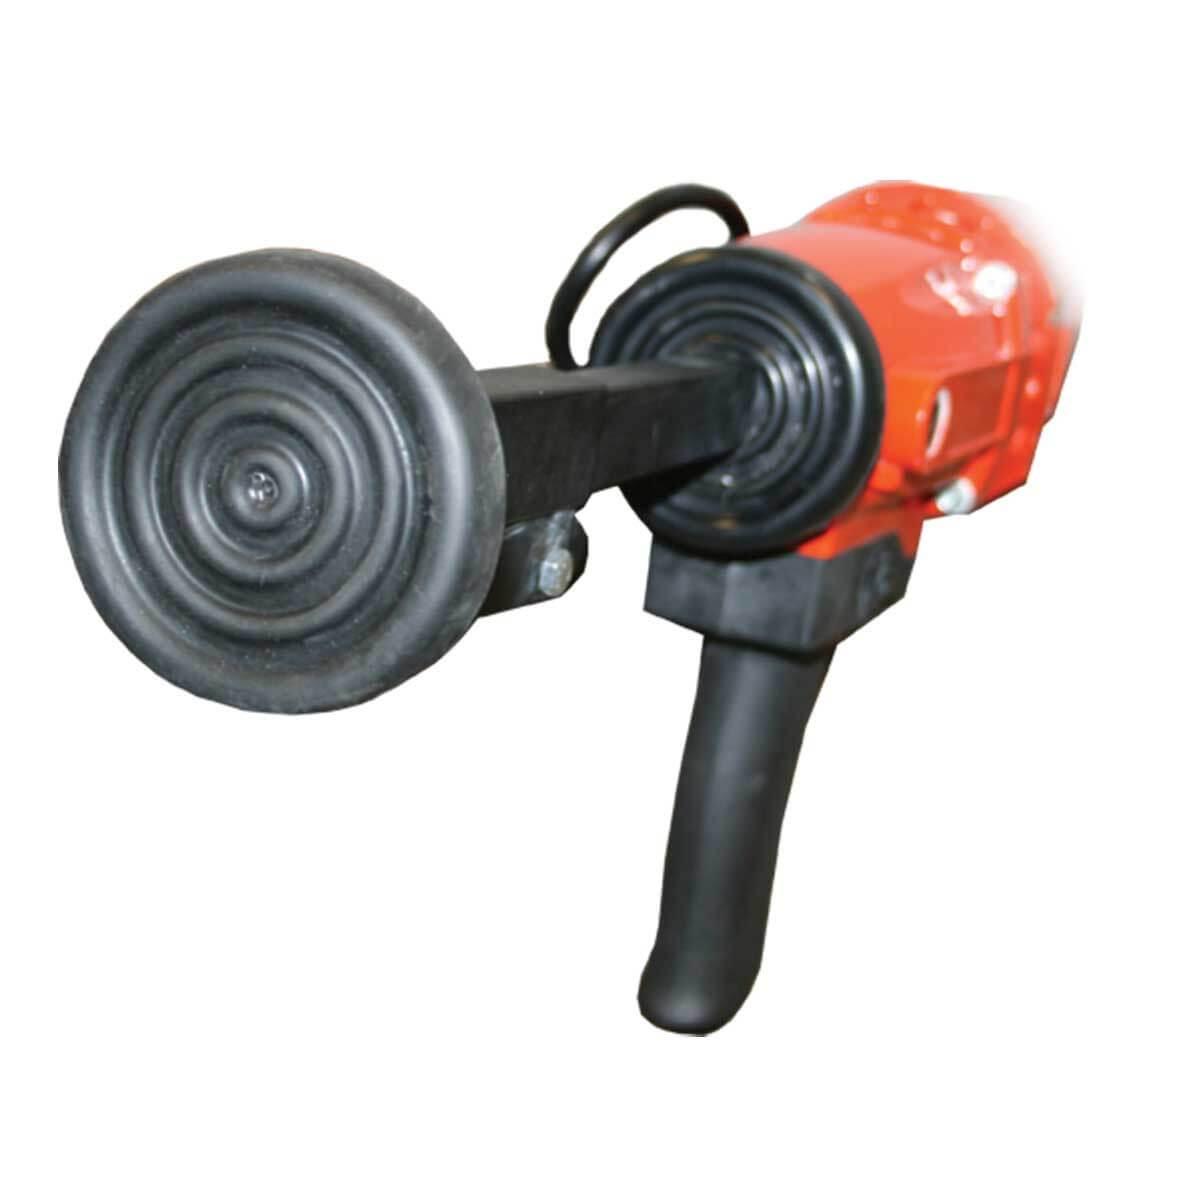 Core Bore Wet Core Drill handle